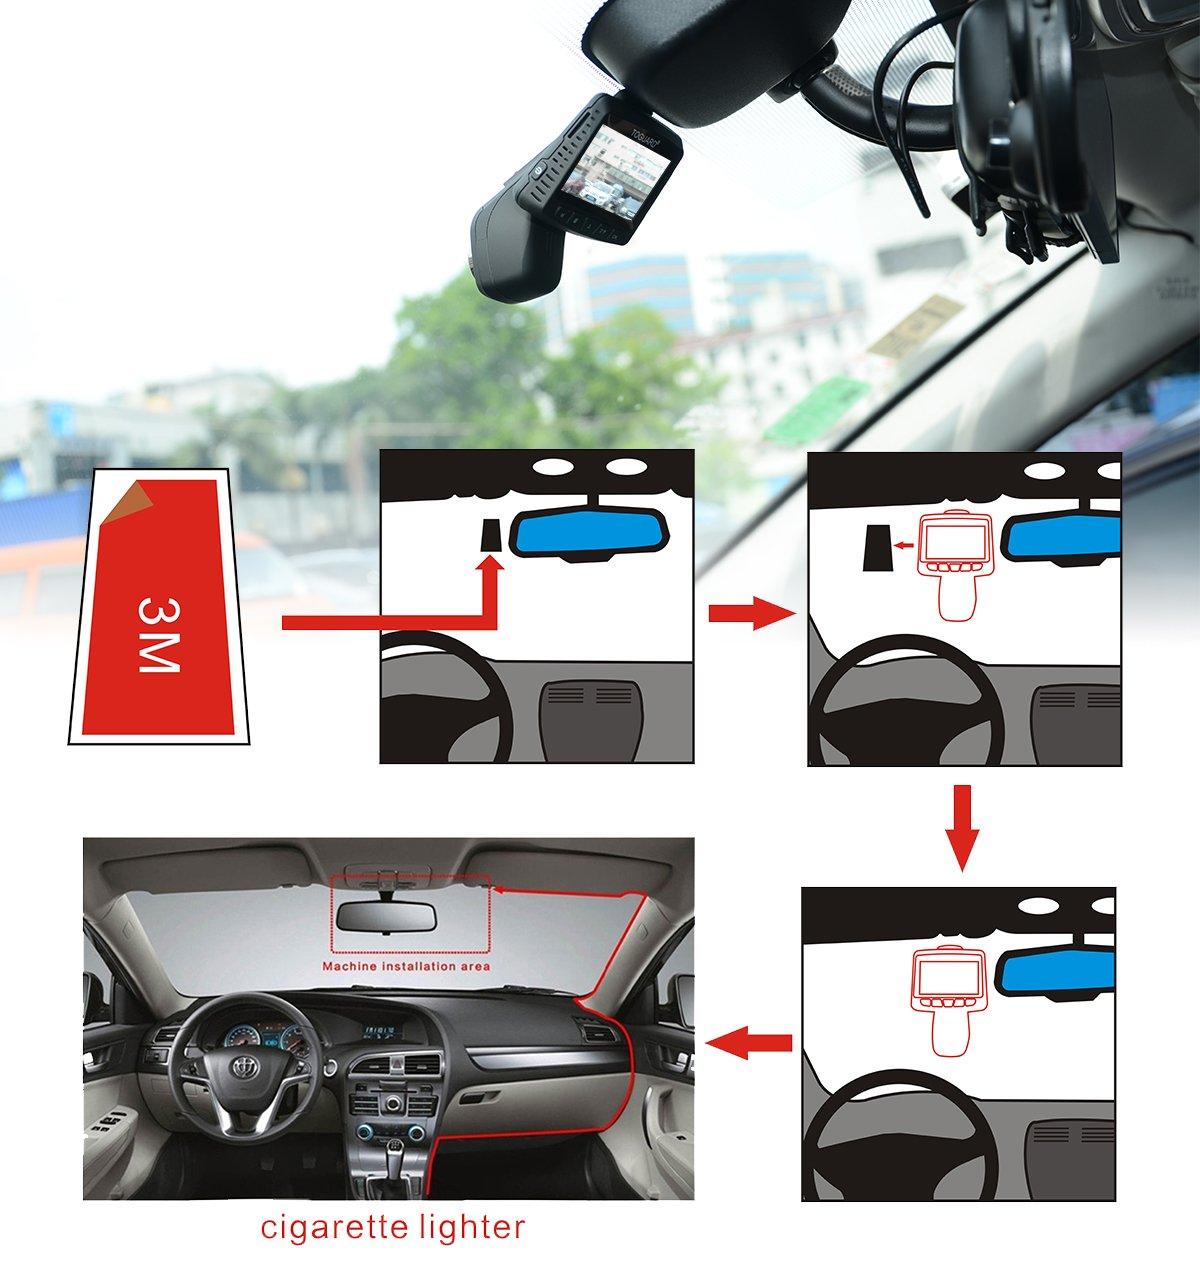 Dashcam Voiture Enregistreur de Conduite /Écran LCD 2.45 Pouces Objectif R/églable /à Grand Angle de 170 Degr/és Enregistrement en Boucle TOGUARD Cam/éra de Voiture WiFi Cam/éra Embarqu/ée Full HD 1080P